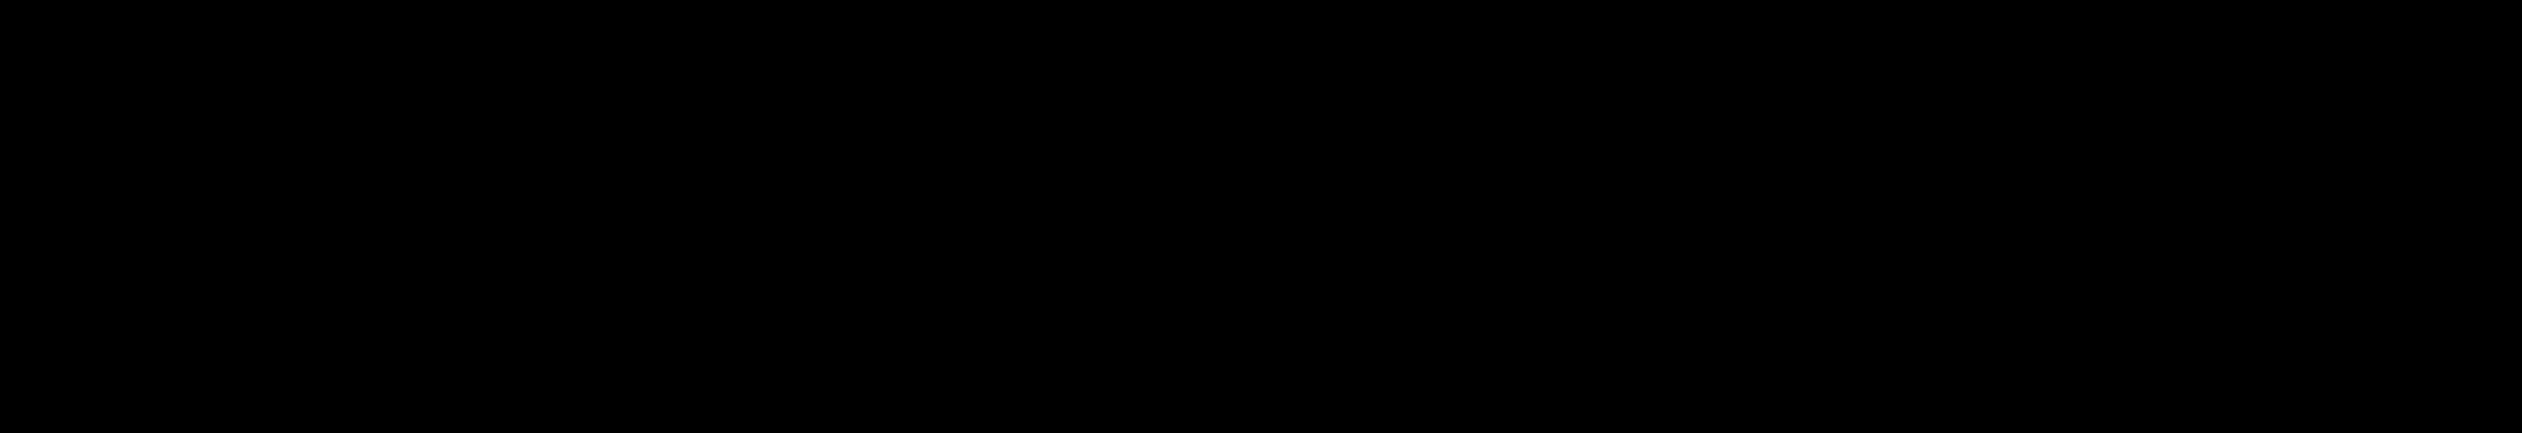 TeraSpinTec GmbH Homepage